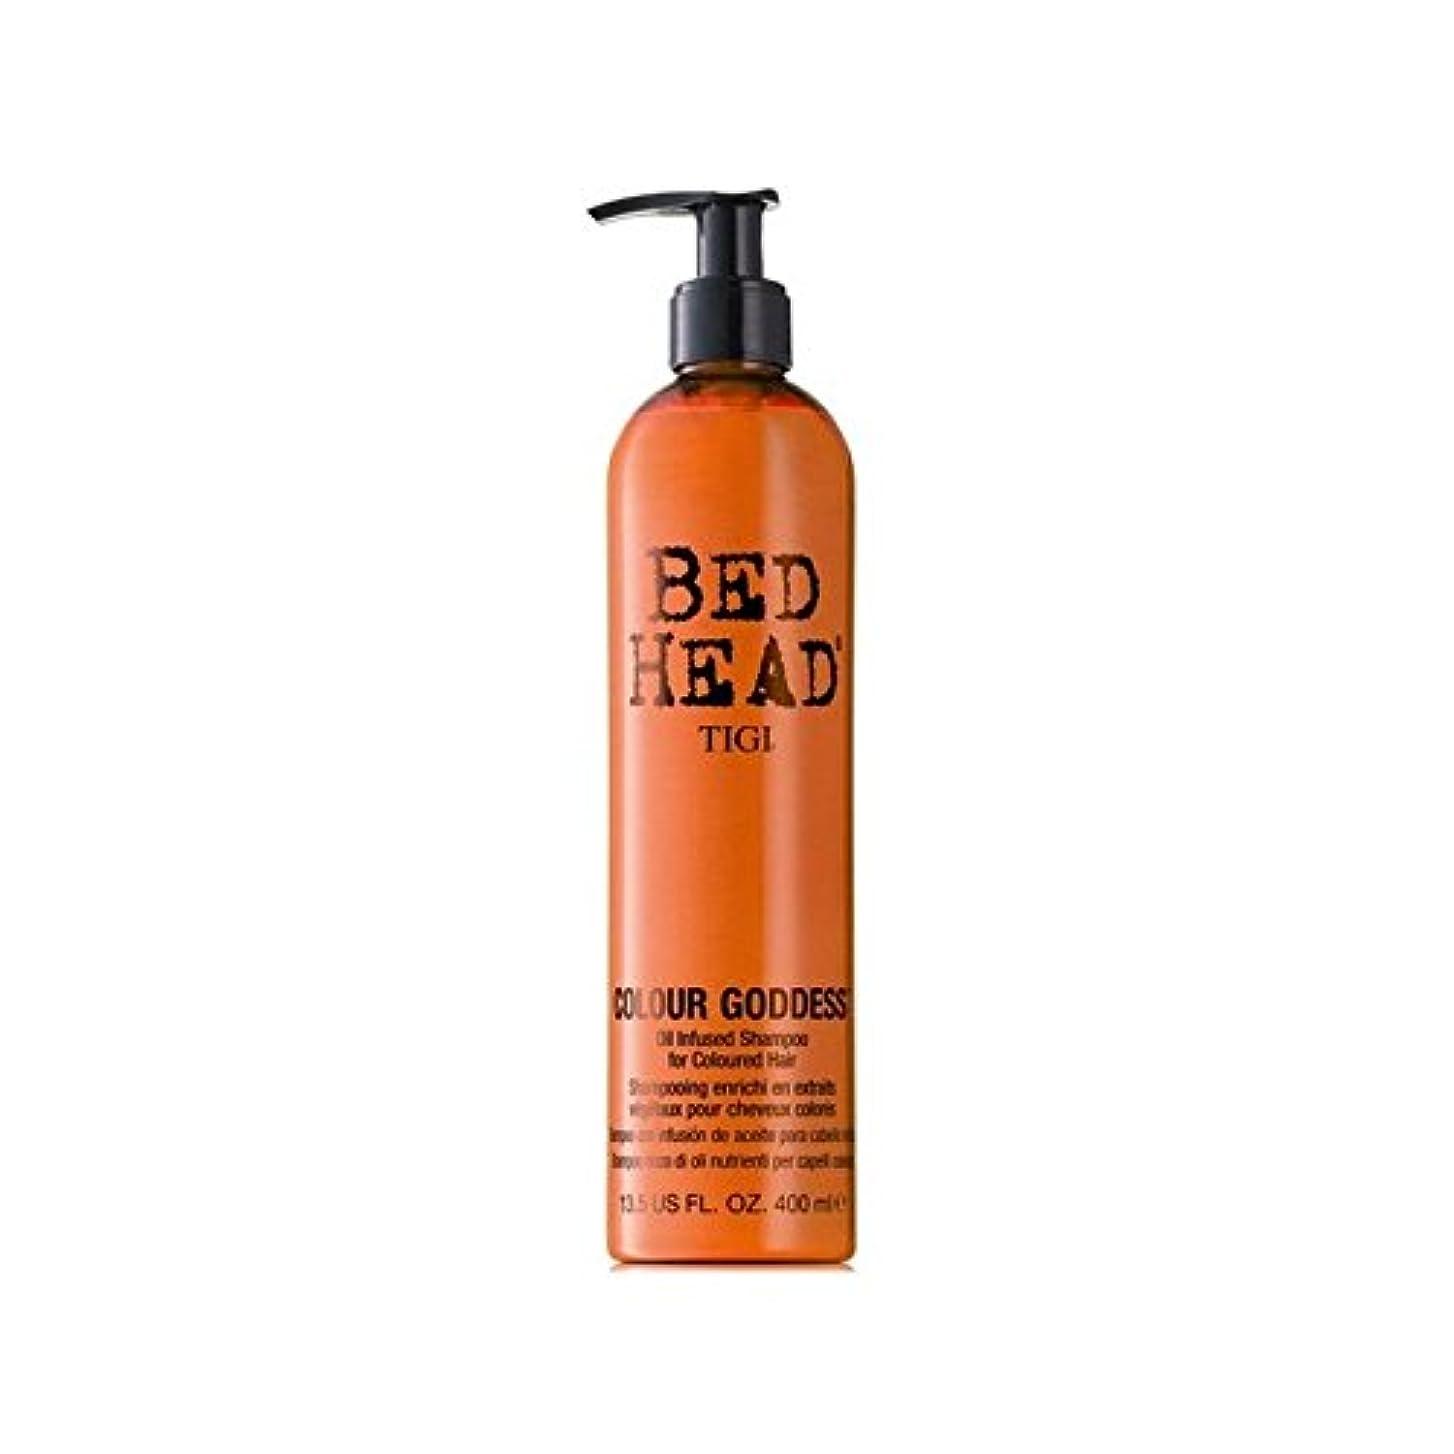 落胆するフェンス正直Tigi Bed Head Colour Goddess Shampoo (400ml) (Pack of 6) - ティジーベッドヘッドカラー女神シャンプー(400ミリリットル) x6 [並行輸入品]